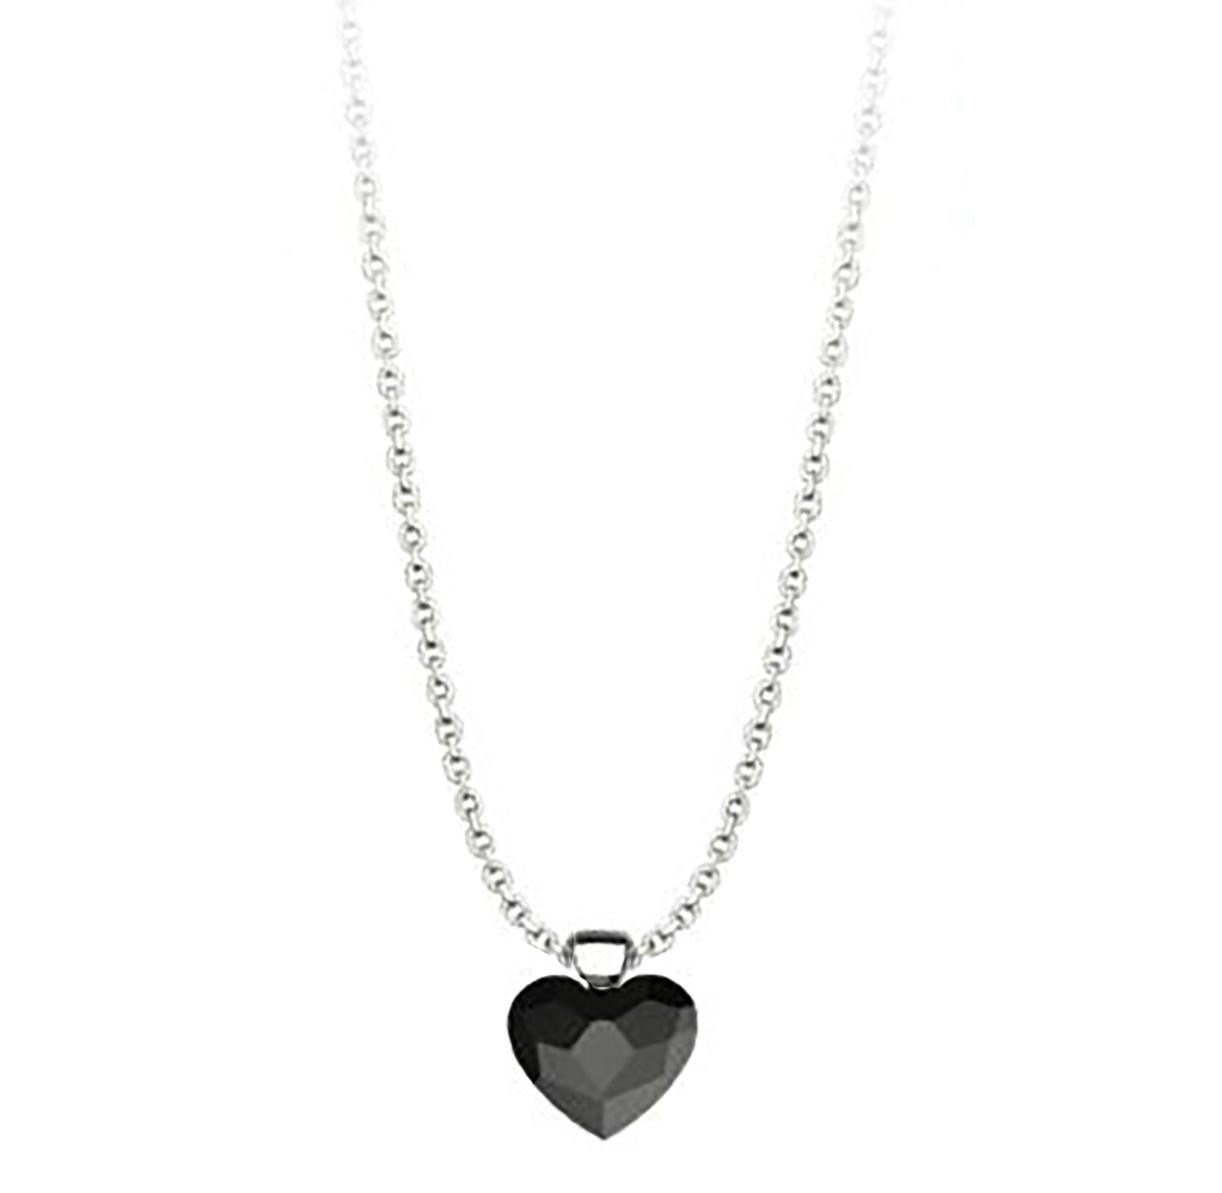 Κολιέ συλλογή Love καρδιά από ασήμι με πέτρα Swarovski a6fb0dc79dc